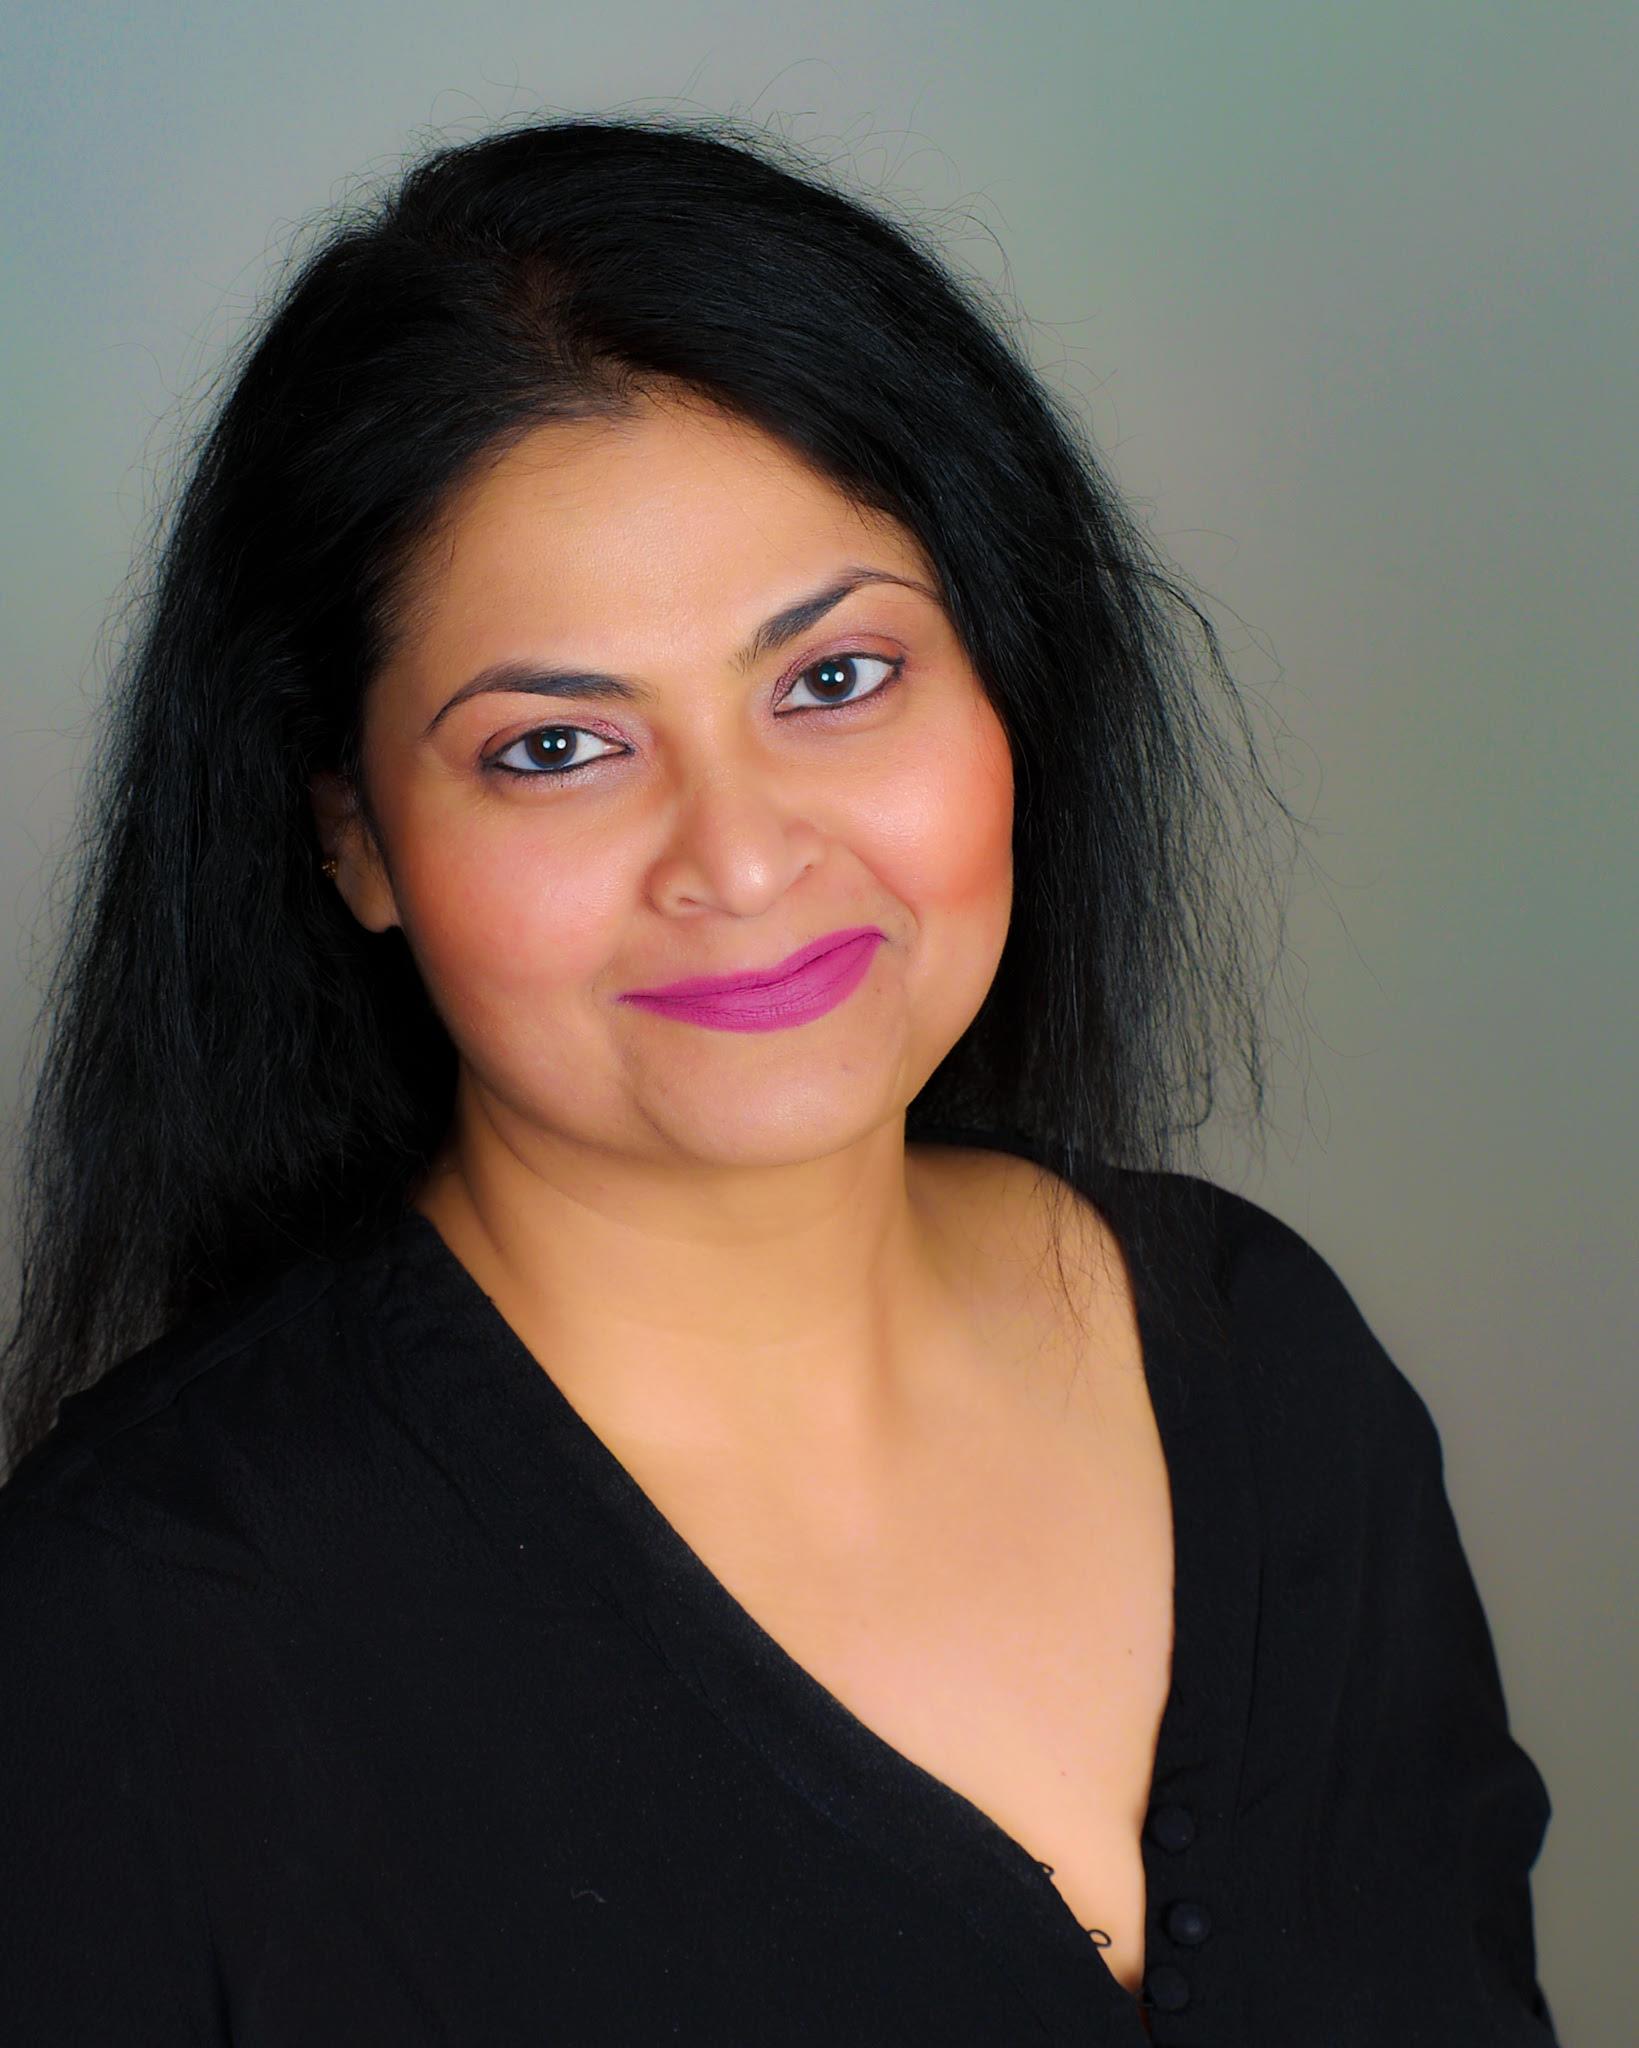 Madhuri Arora